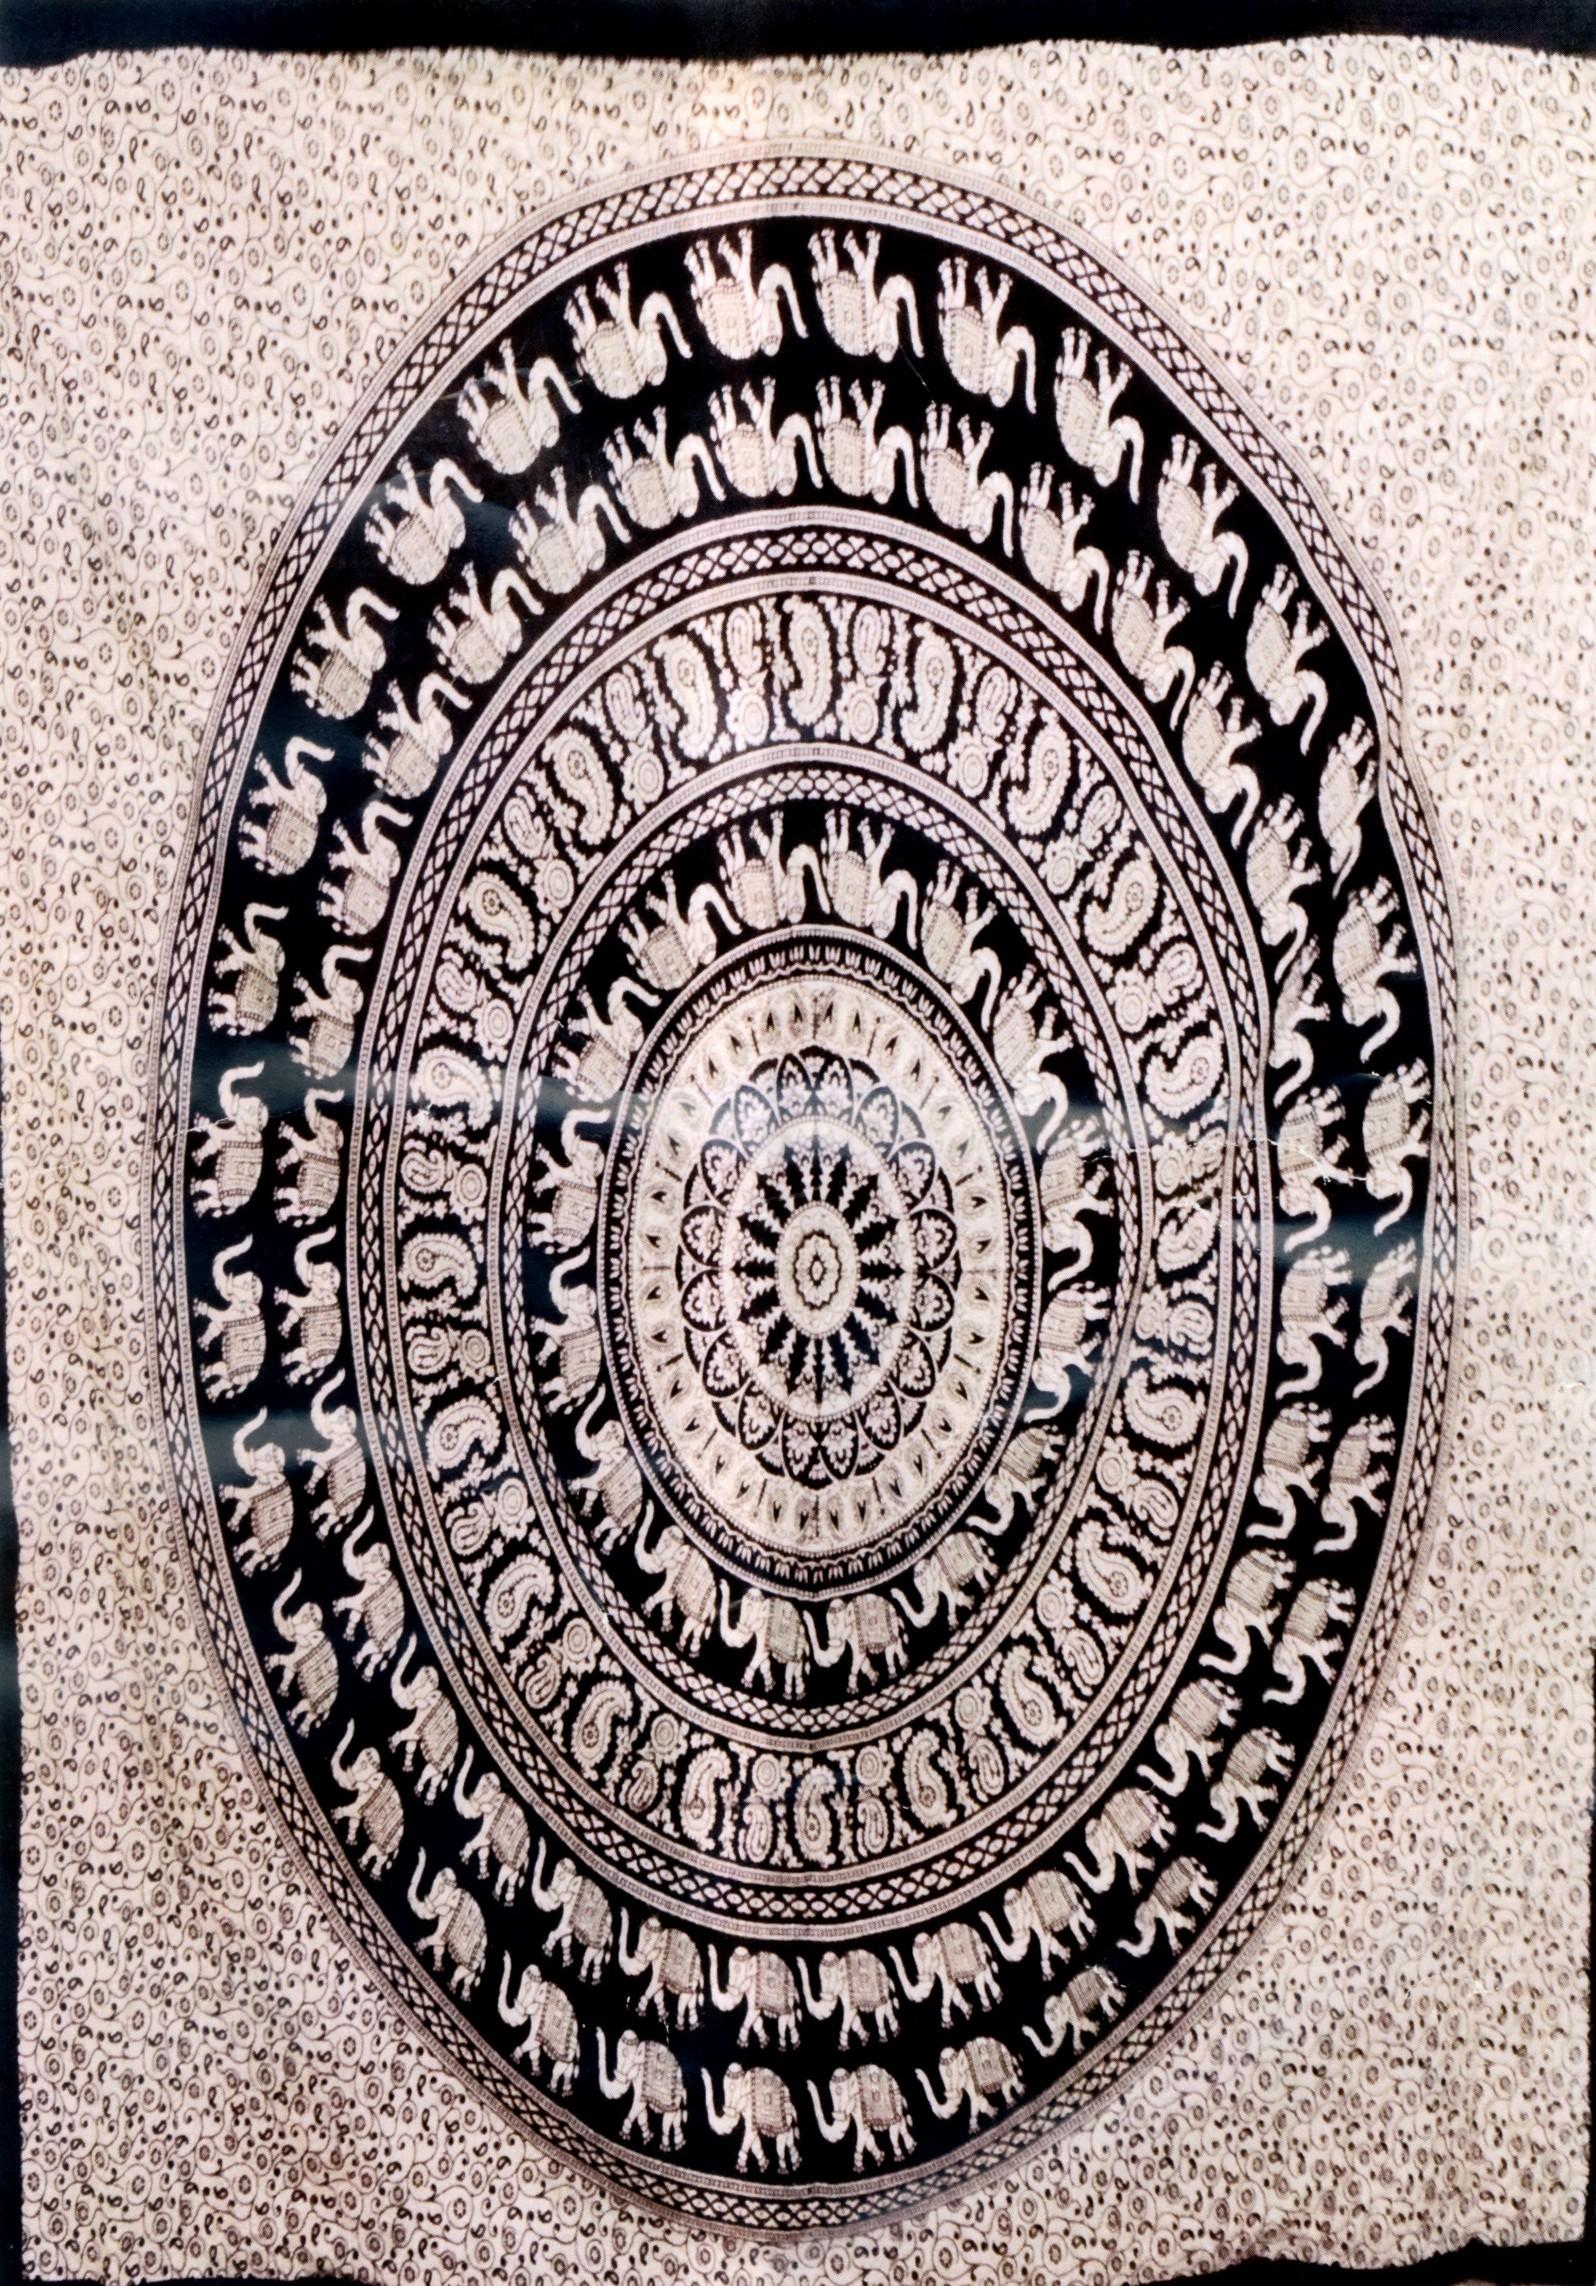 KLEINE UND MITTEL INDIANER STOFFBAHN TI-P01-41 - Oriente Import S.r.l.